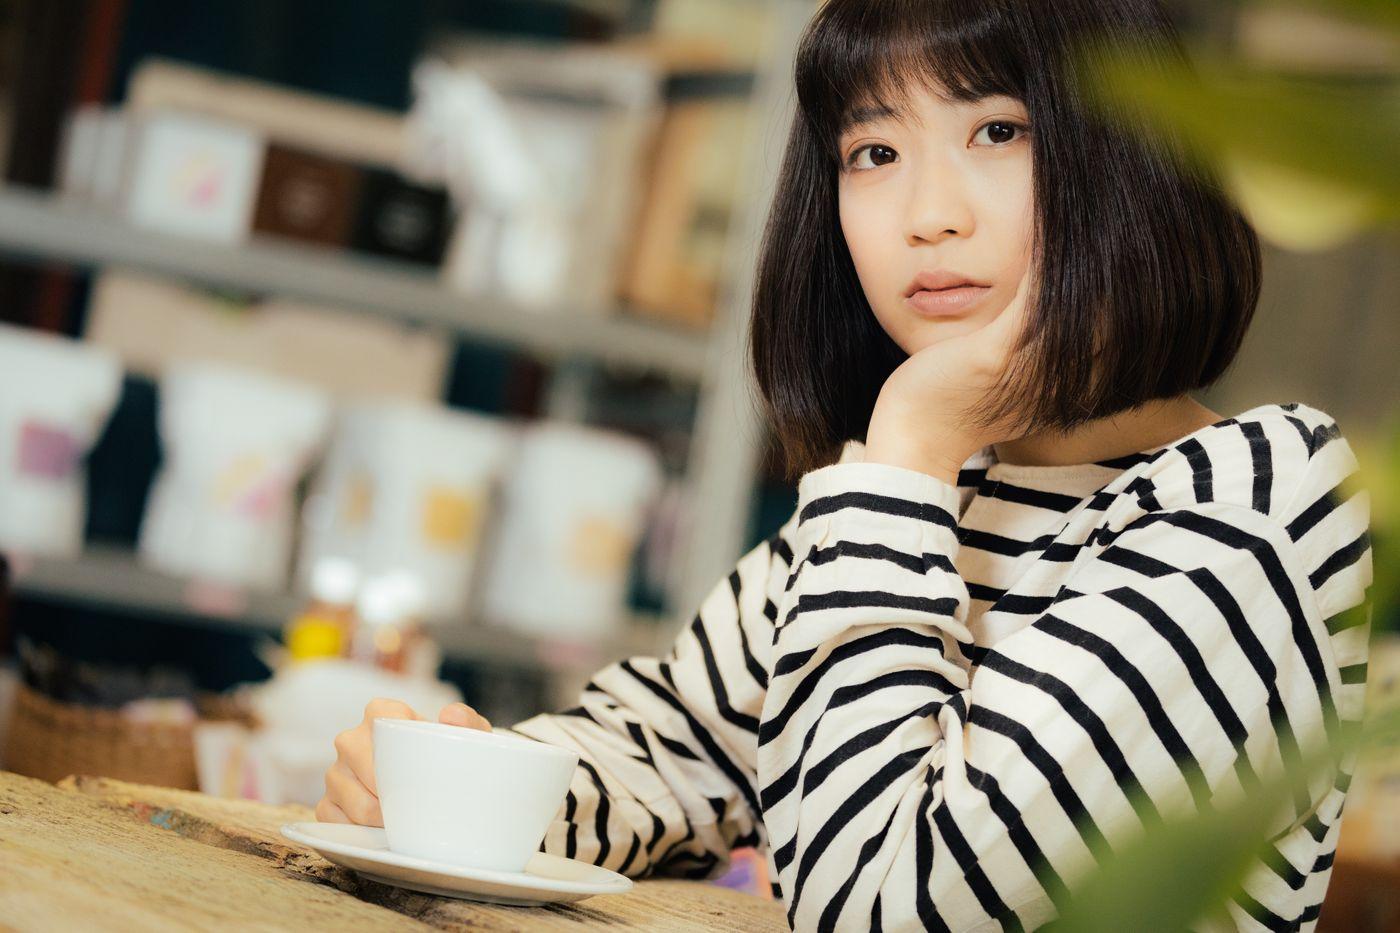 カフェで退屈そうにこちらを見つめる女性の写真